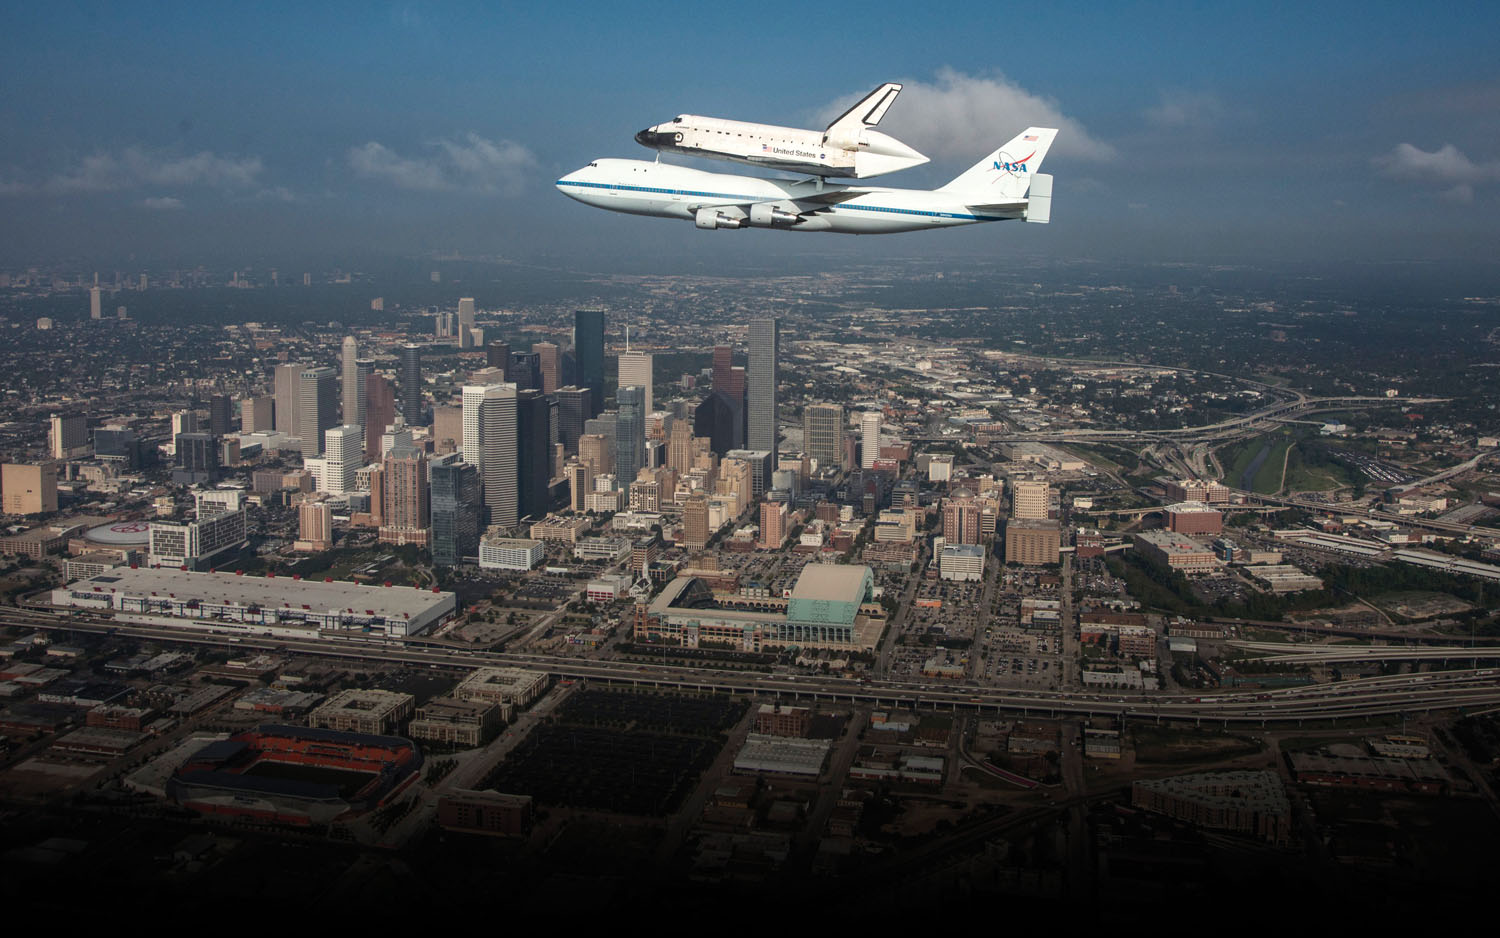 Photo: Space Center Houston